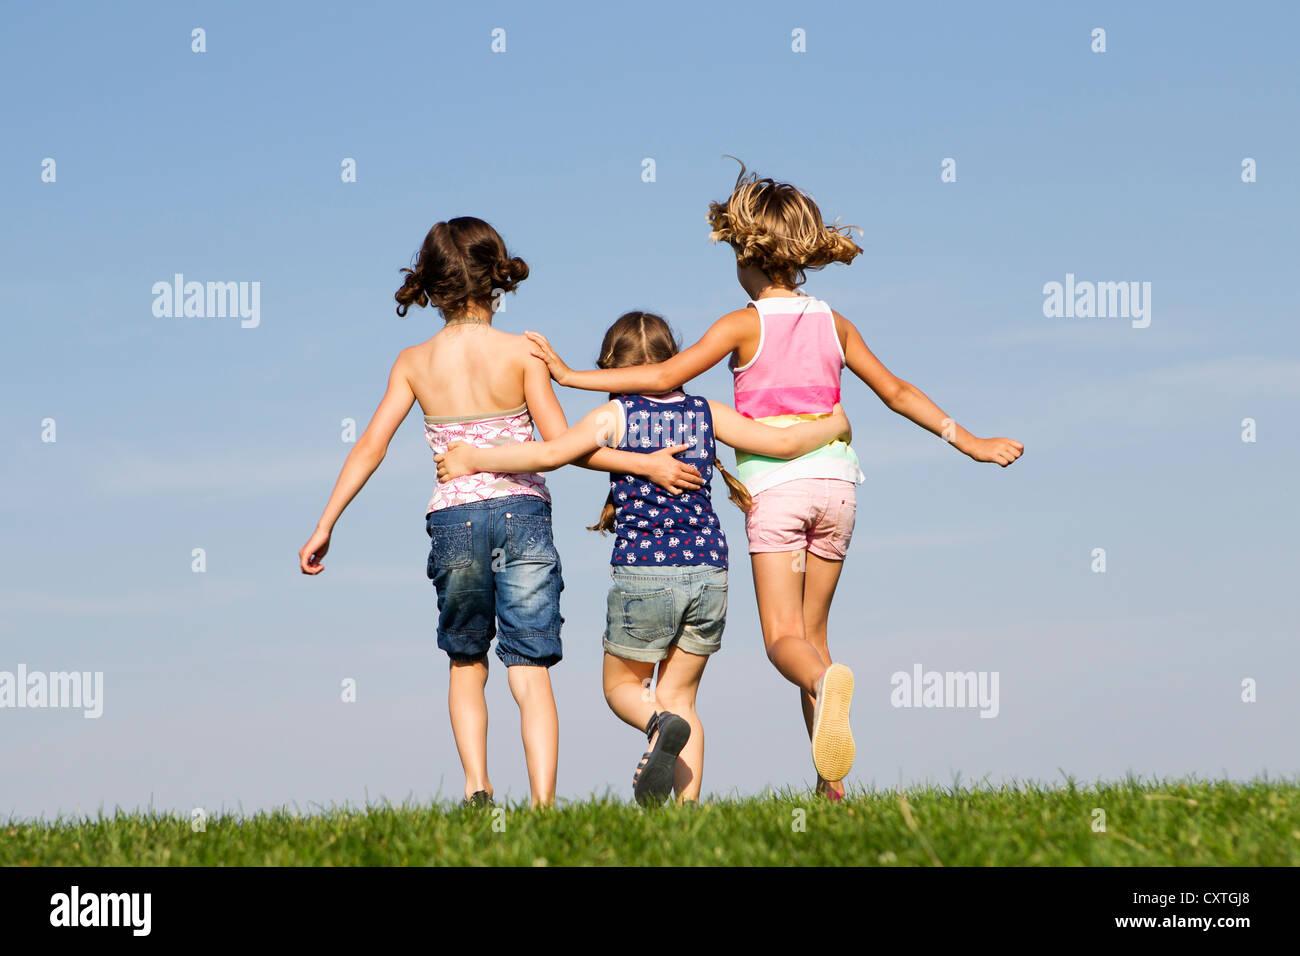 Las niñas jugando juntos al aire libre Foto de stock